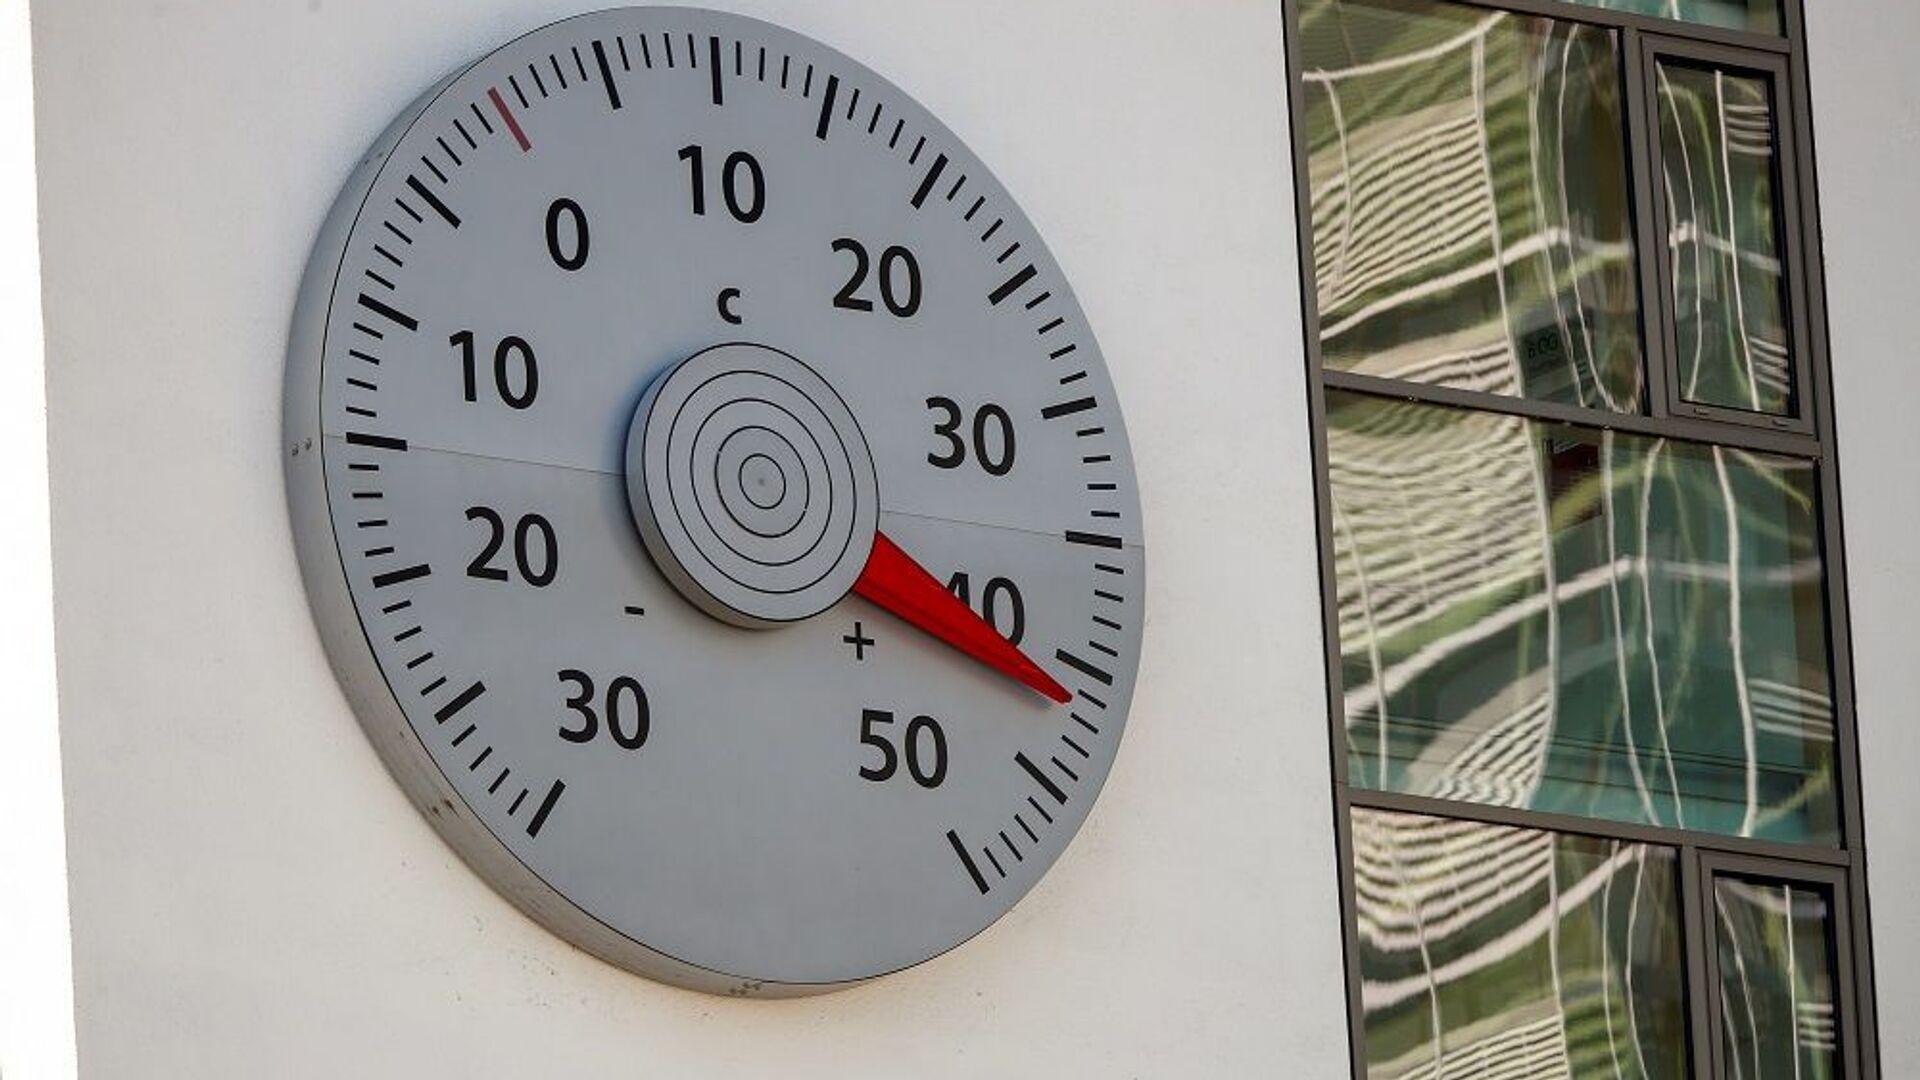 küresel ısınma, termometre, sıcaklık - Sputnik Türkiye, 1920, 27.07.2021